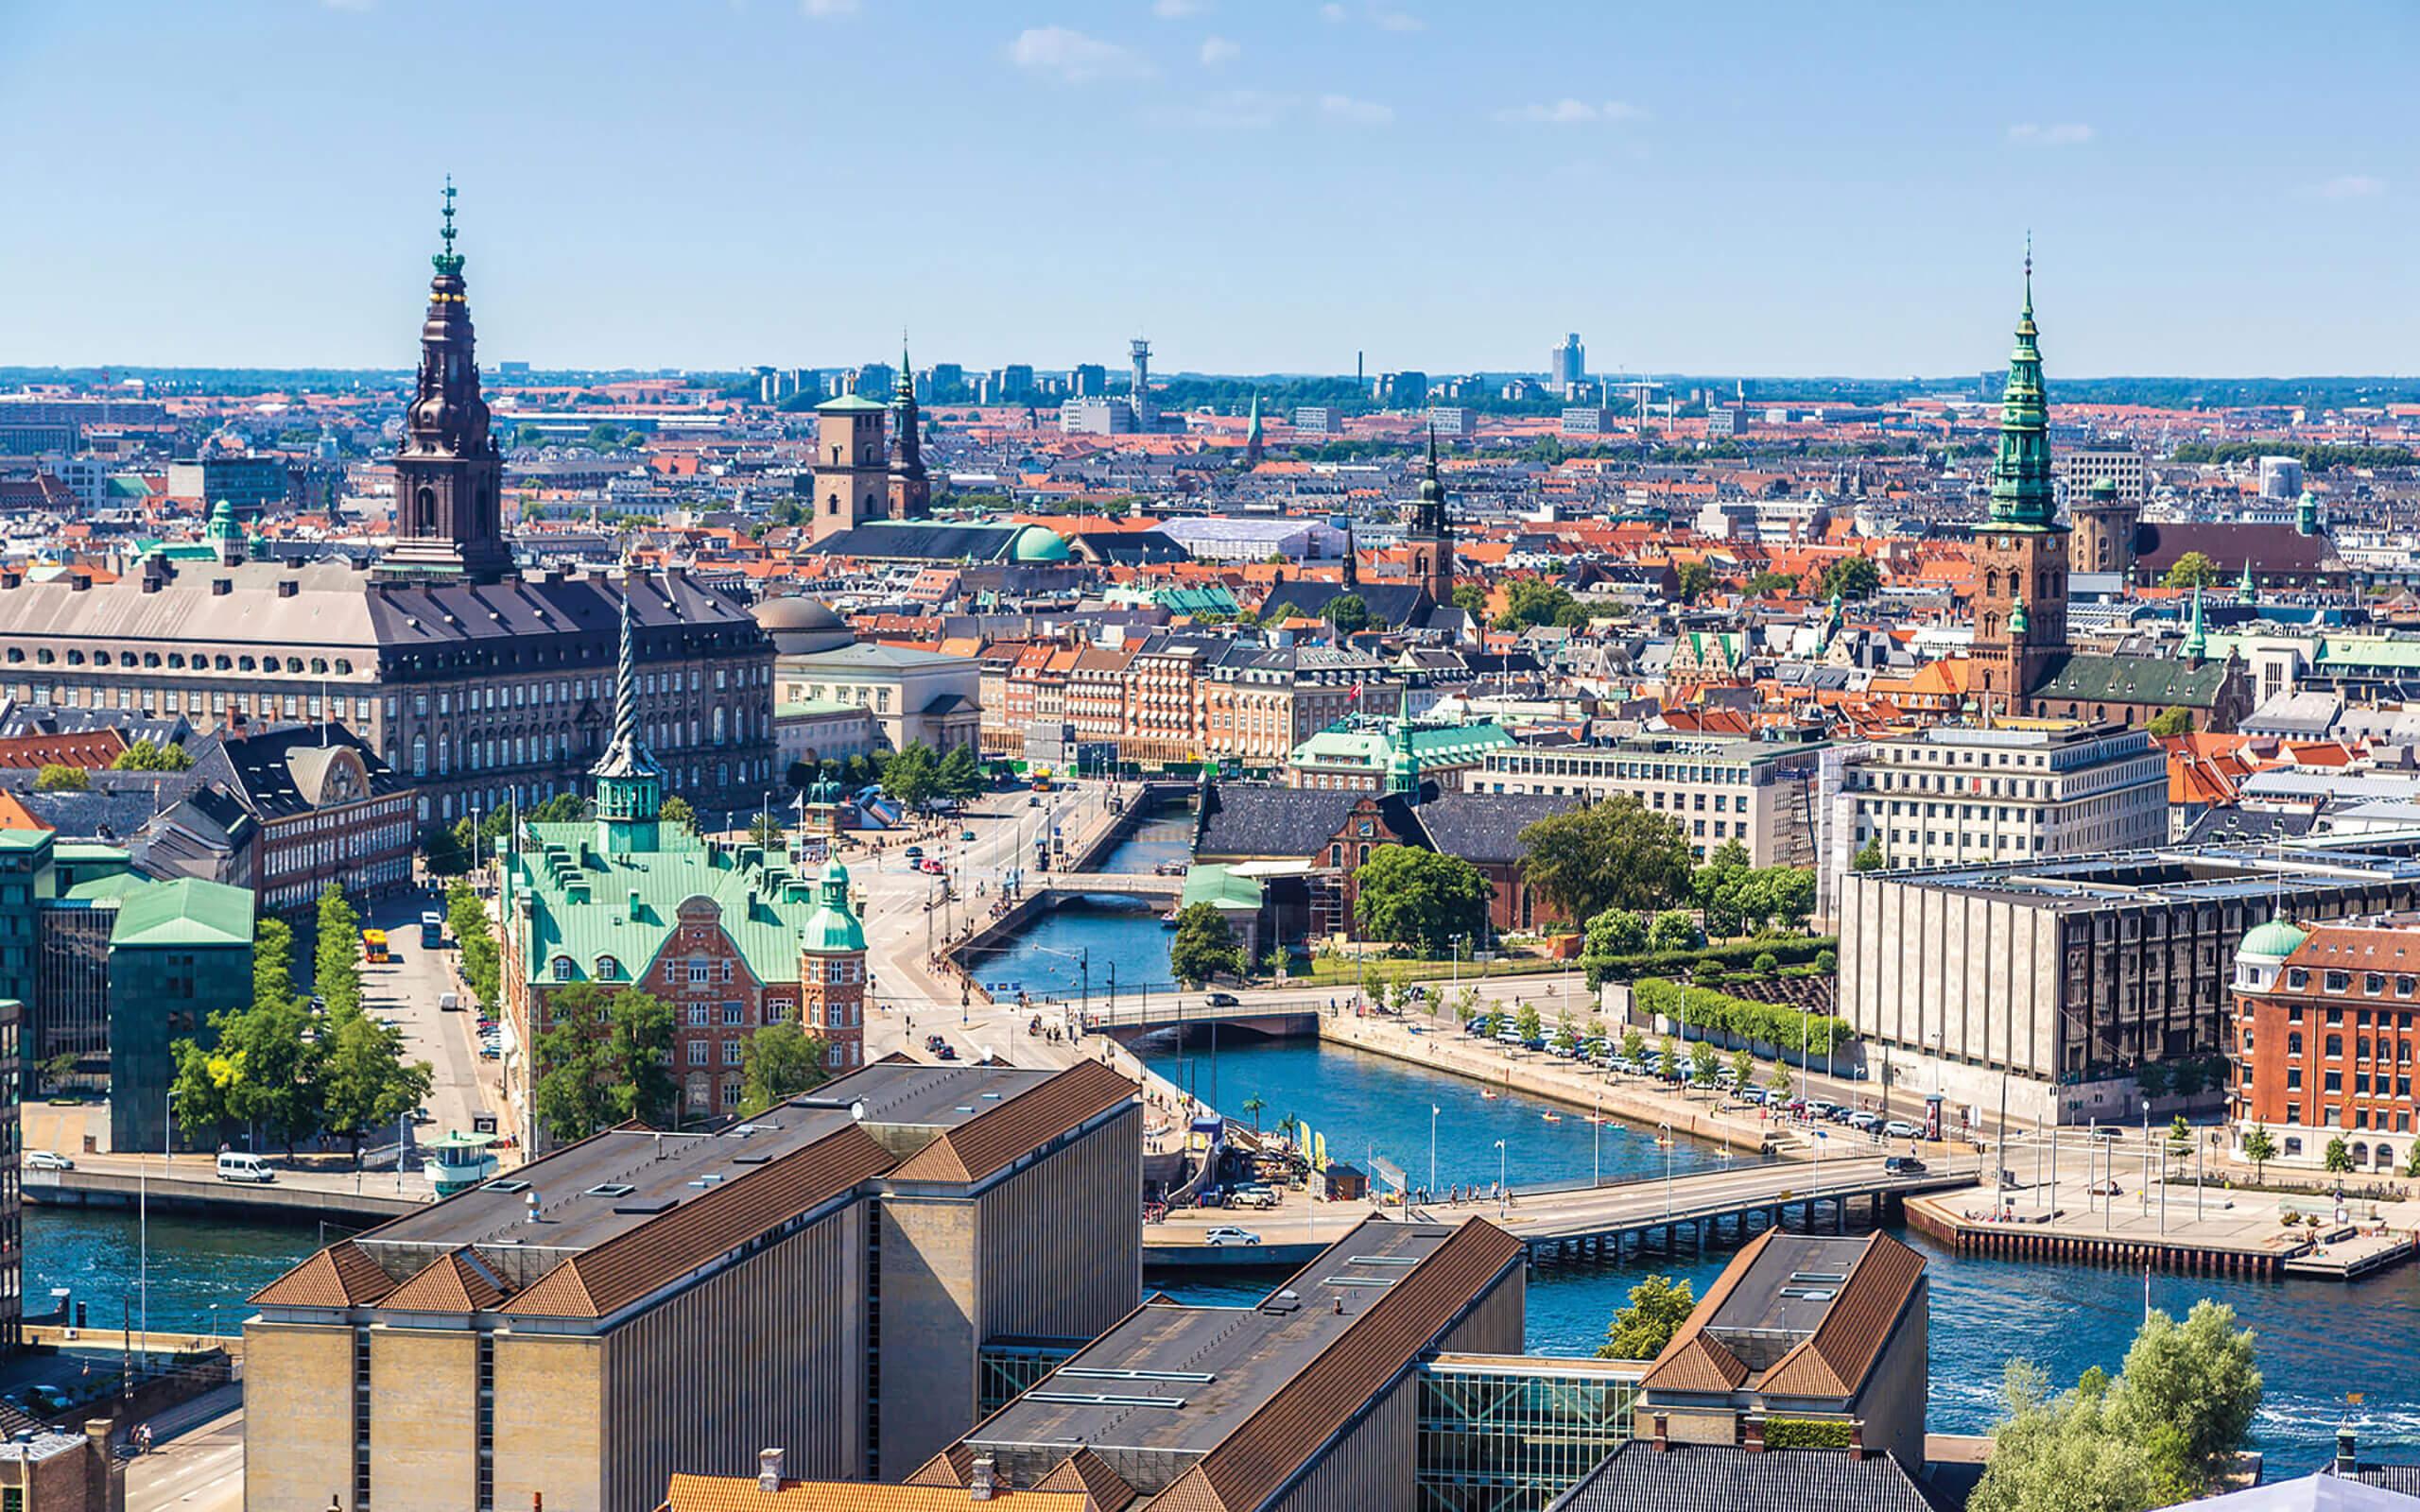 View over city of Copenhagen